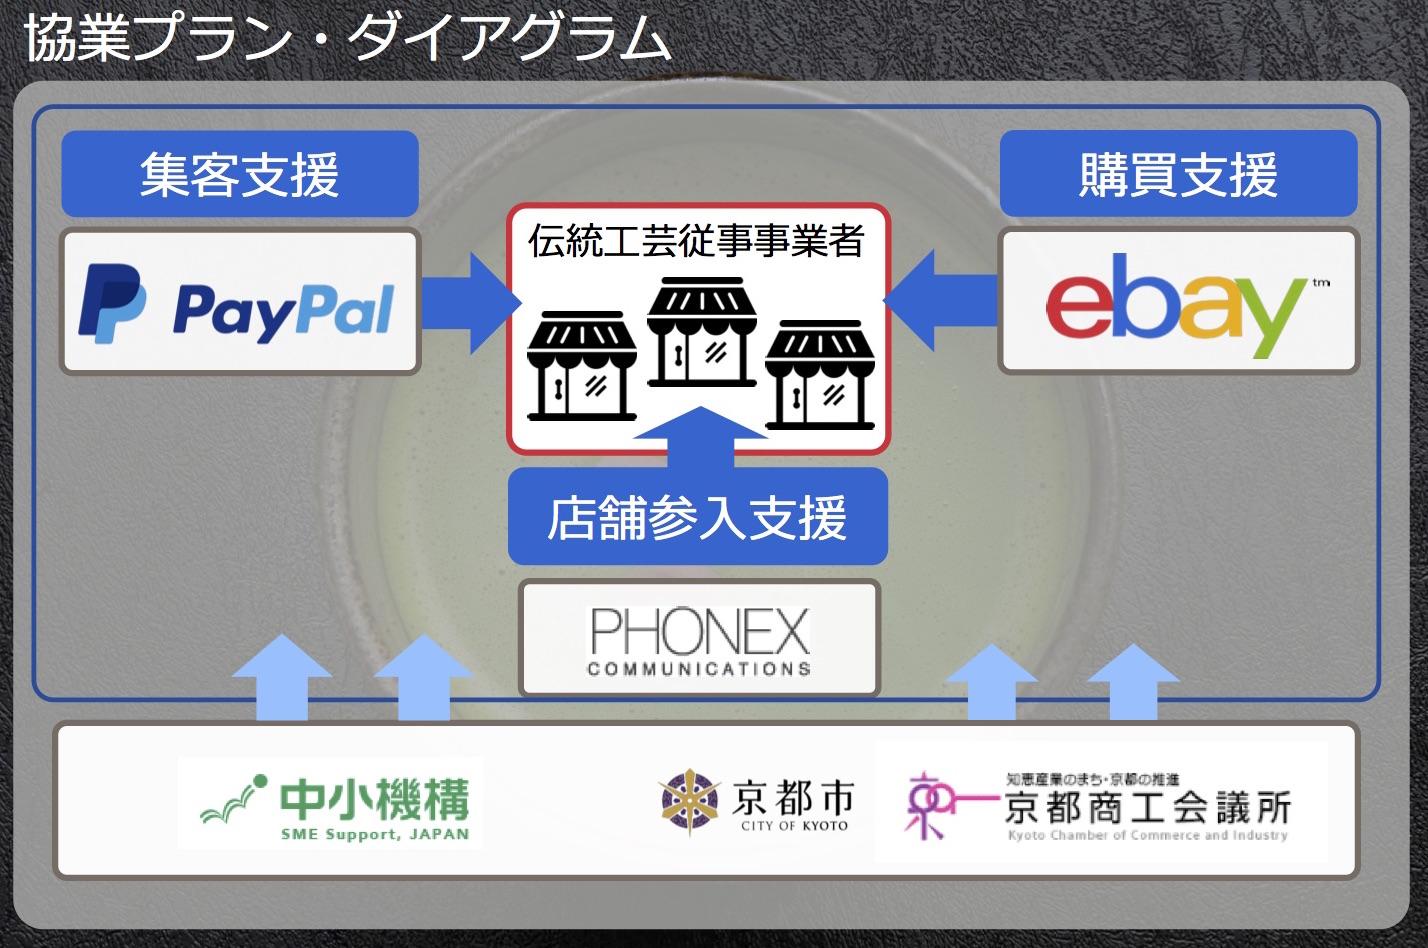 写真⑦ 京都市、中小企業基盤整備機構、京都商工会議所などの行政機関も支援に加わる